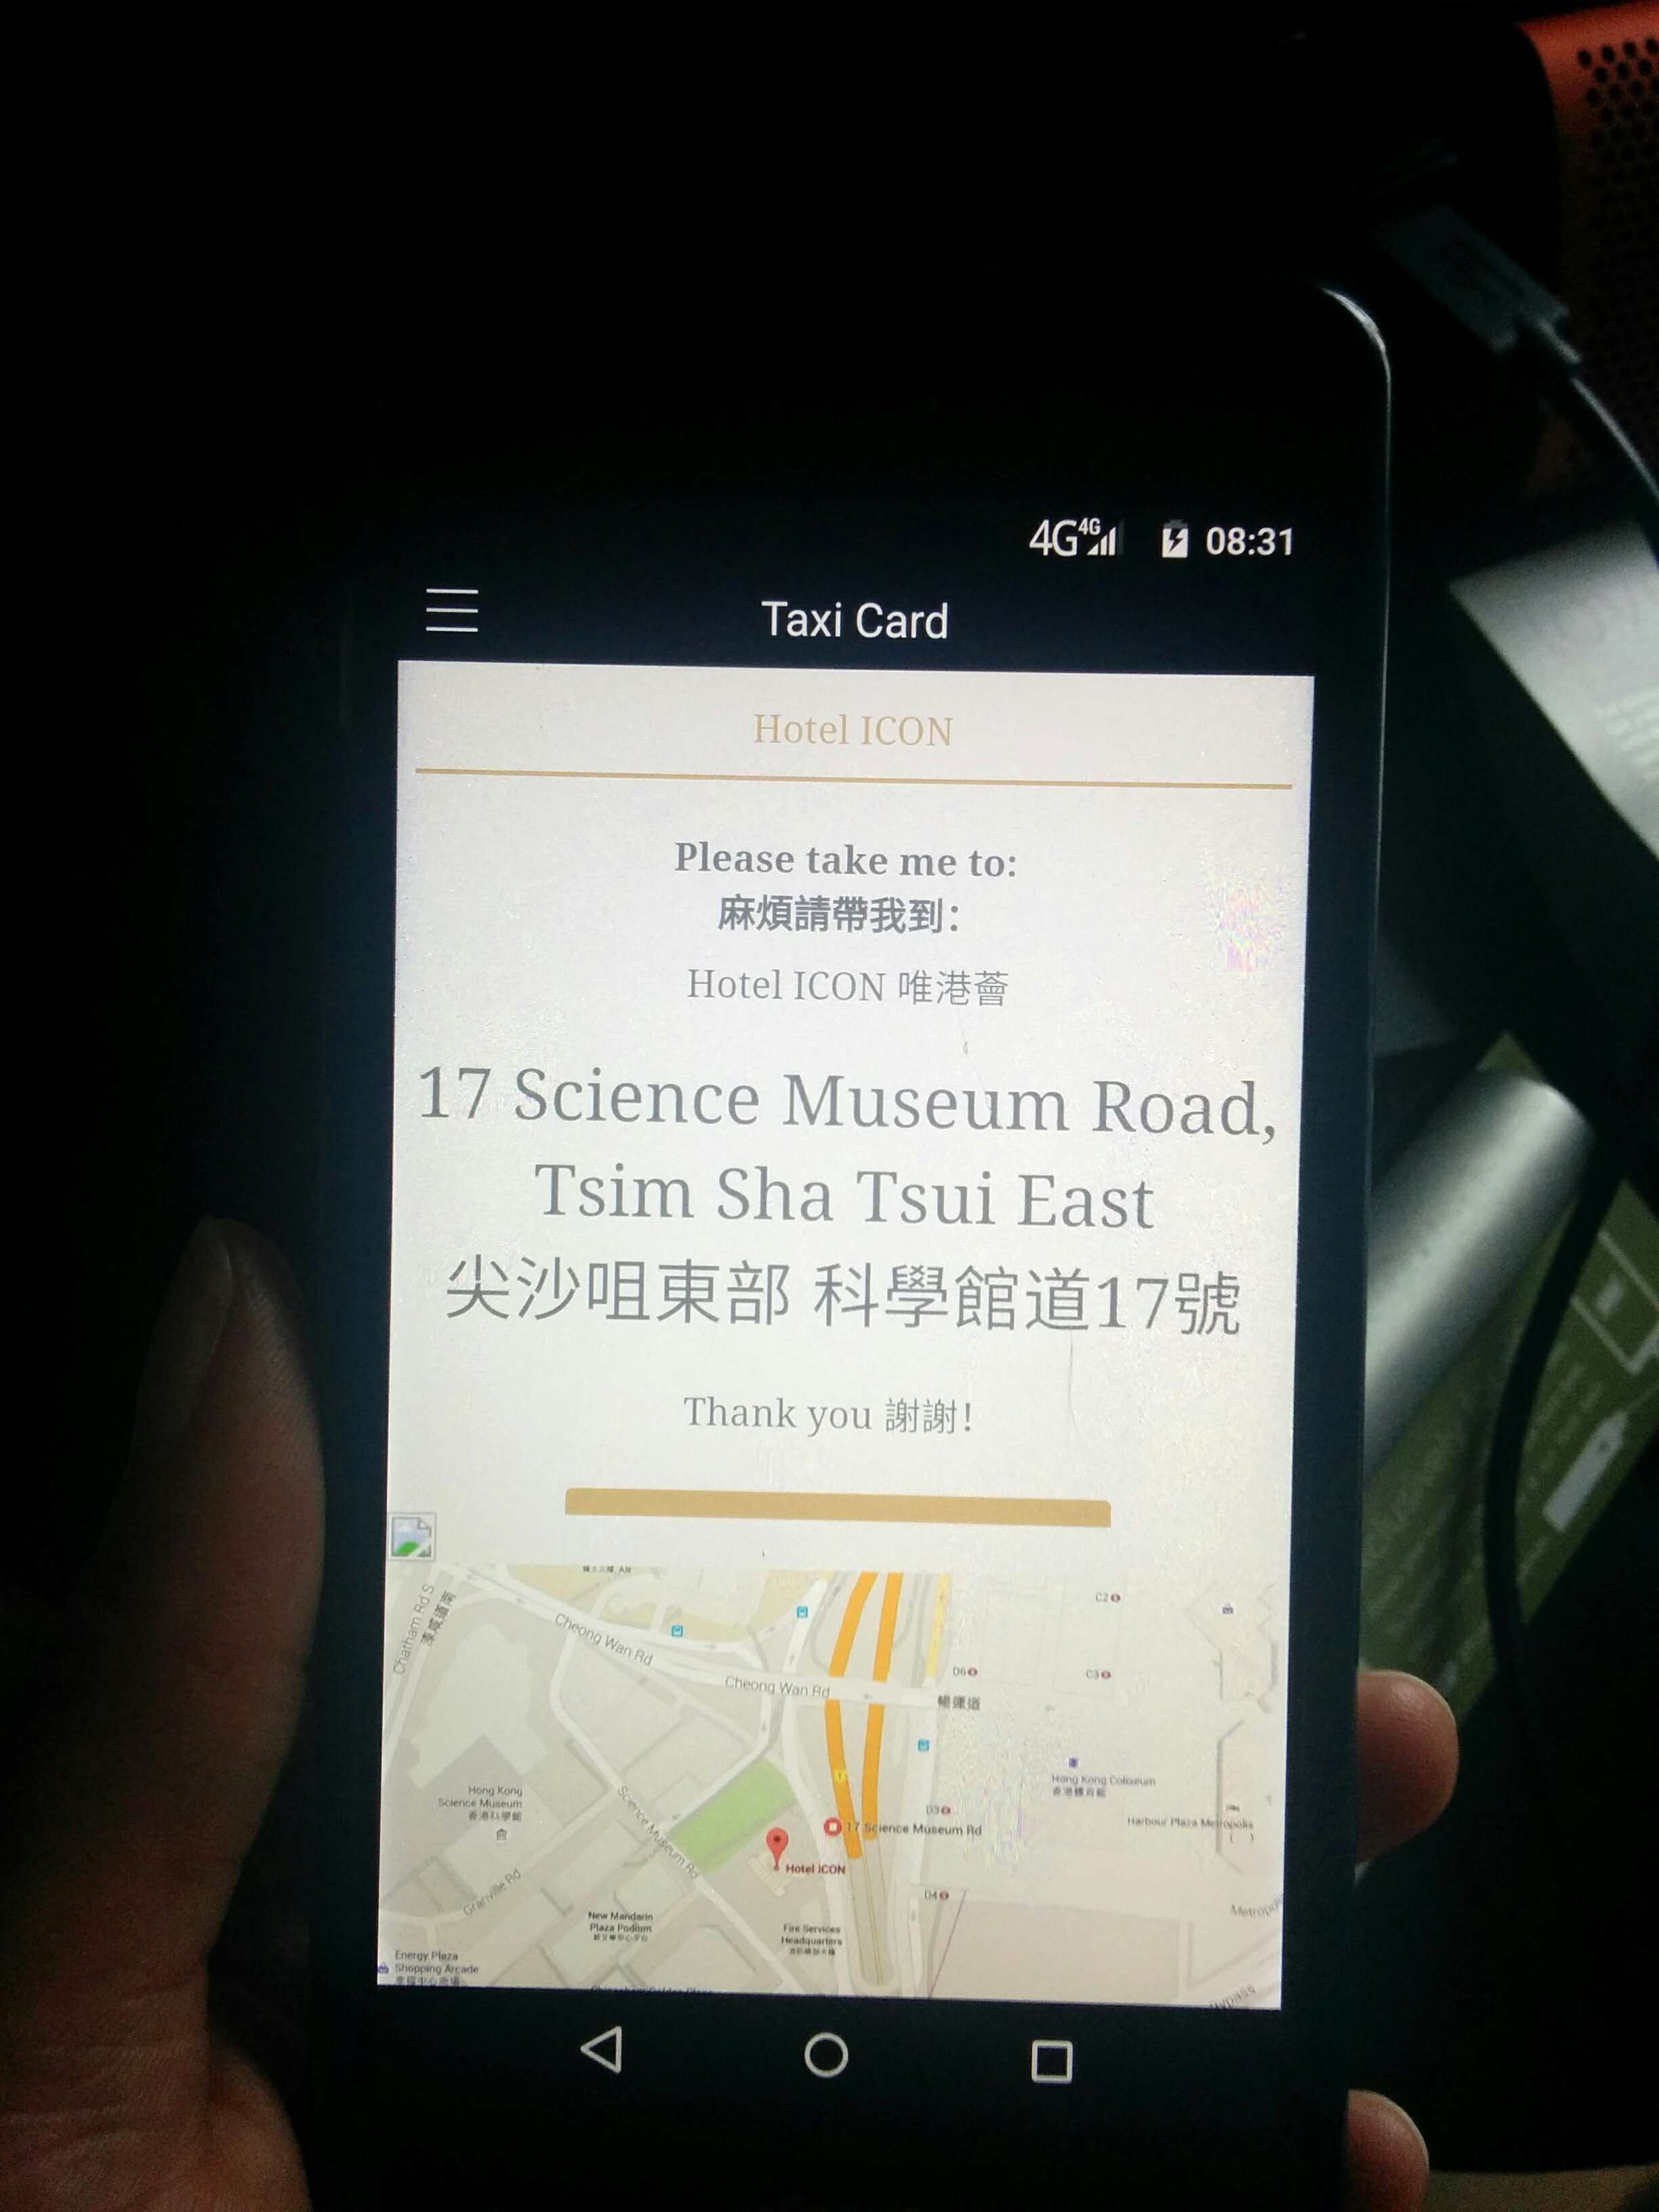 Handy's taxi card